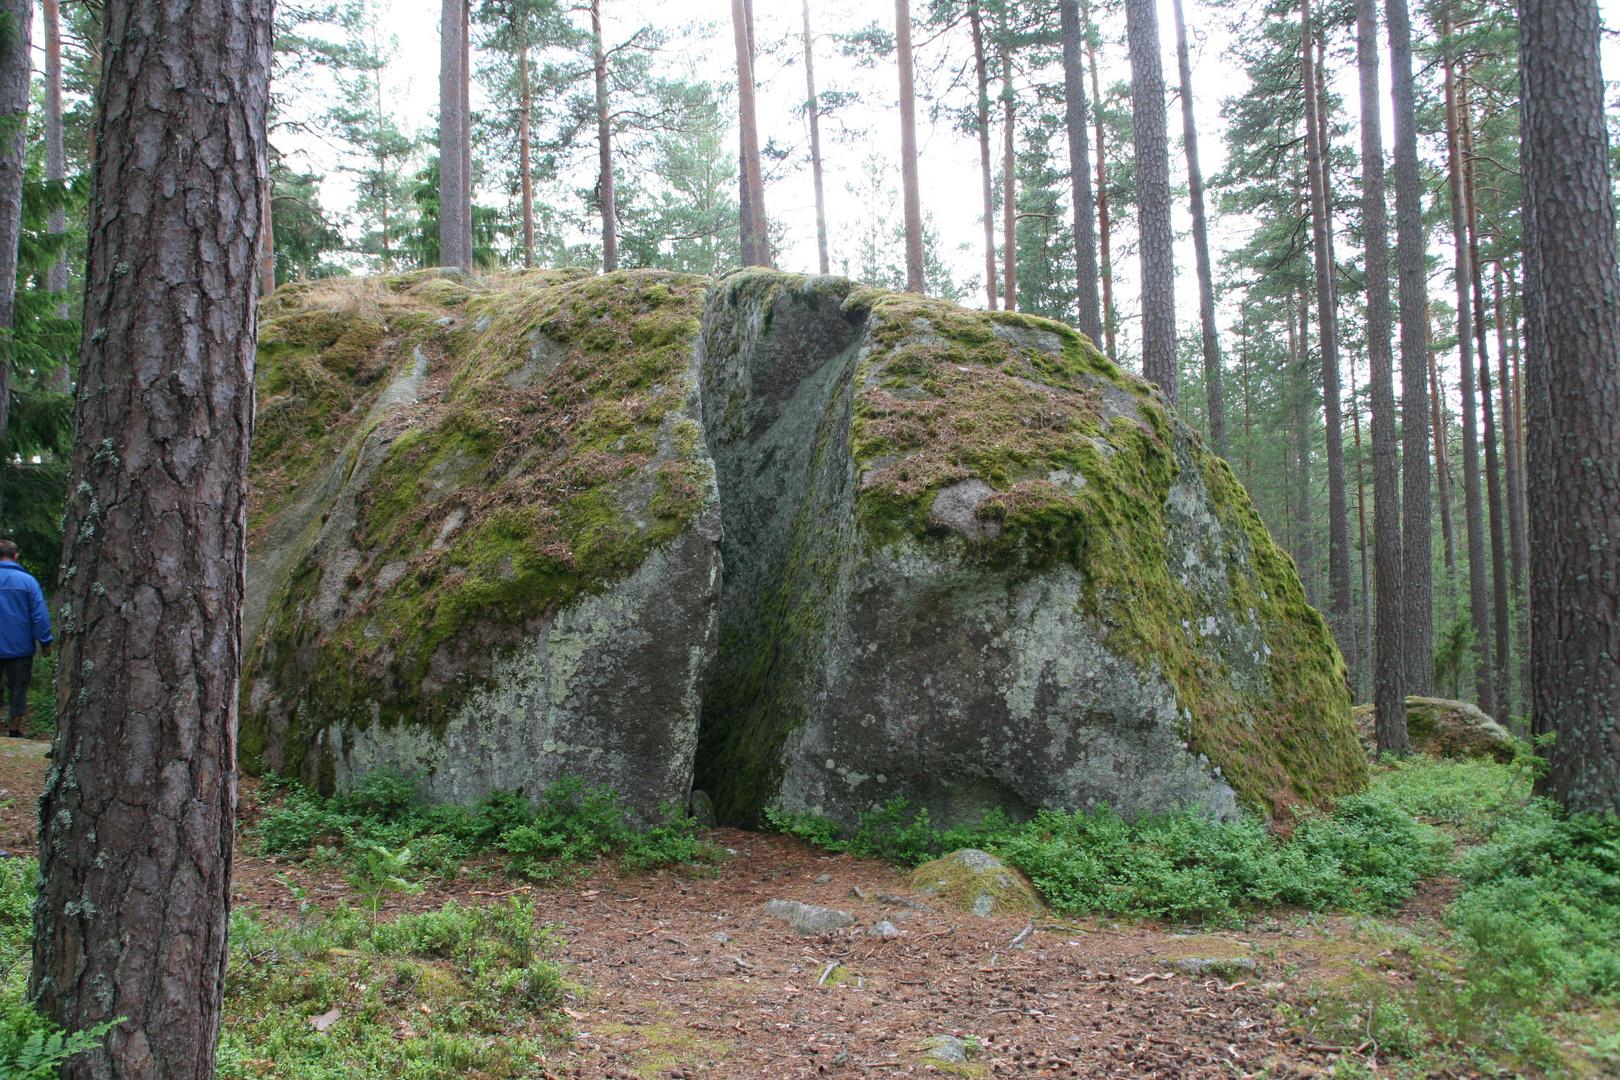 Wer hat den Stein zerbrochen?